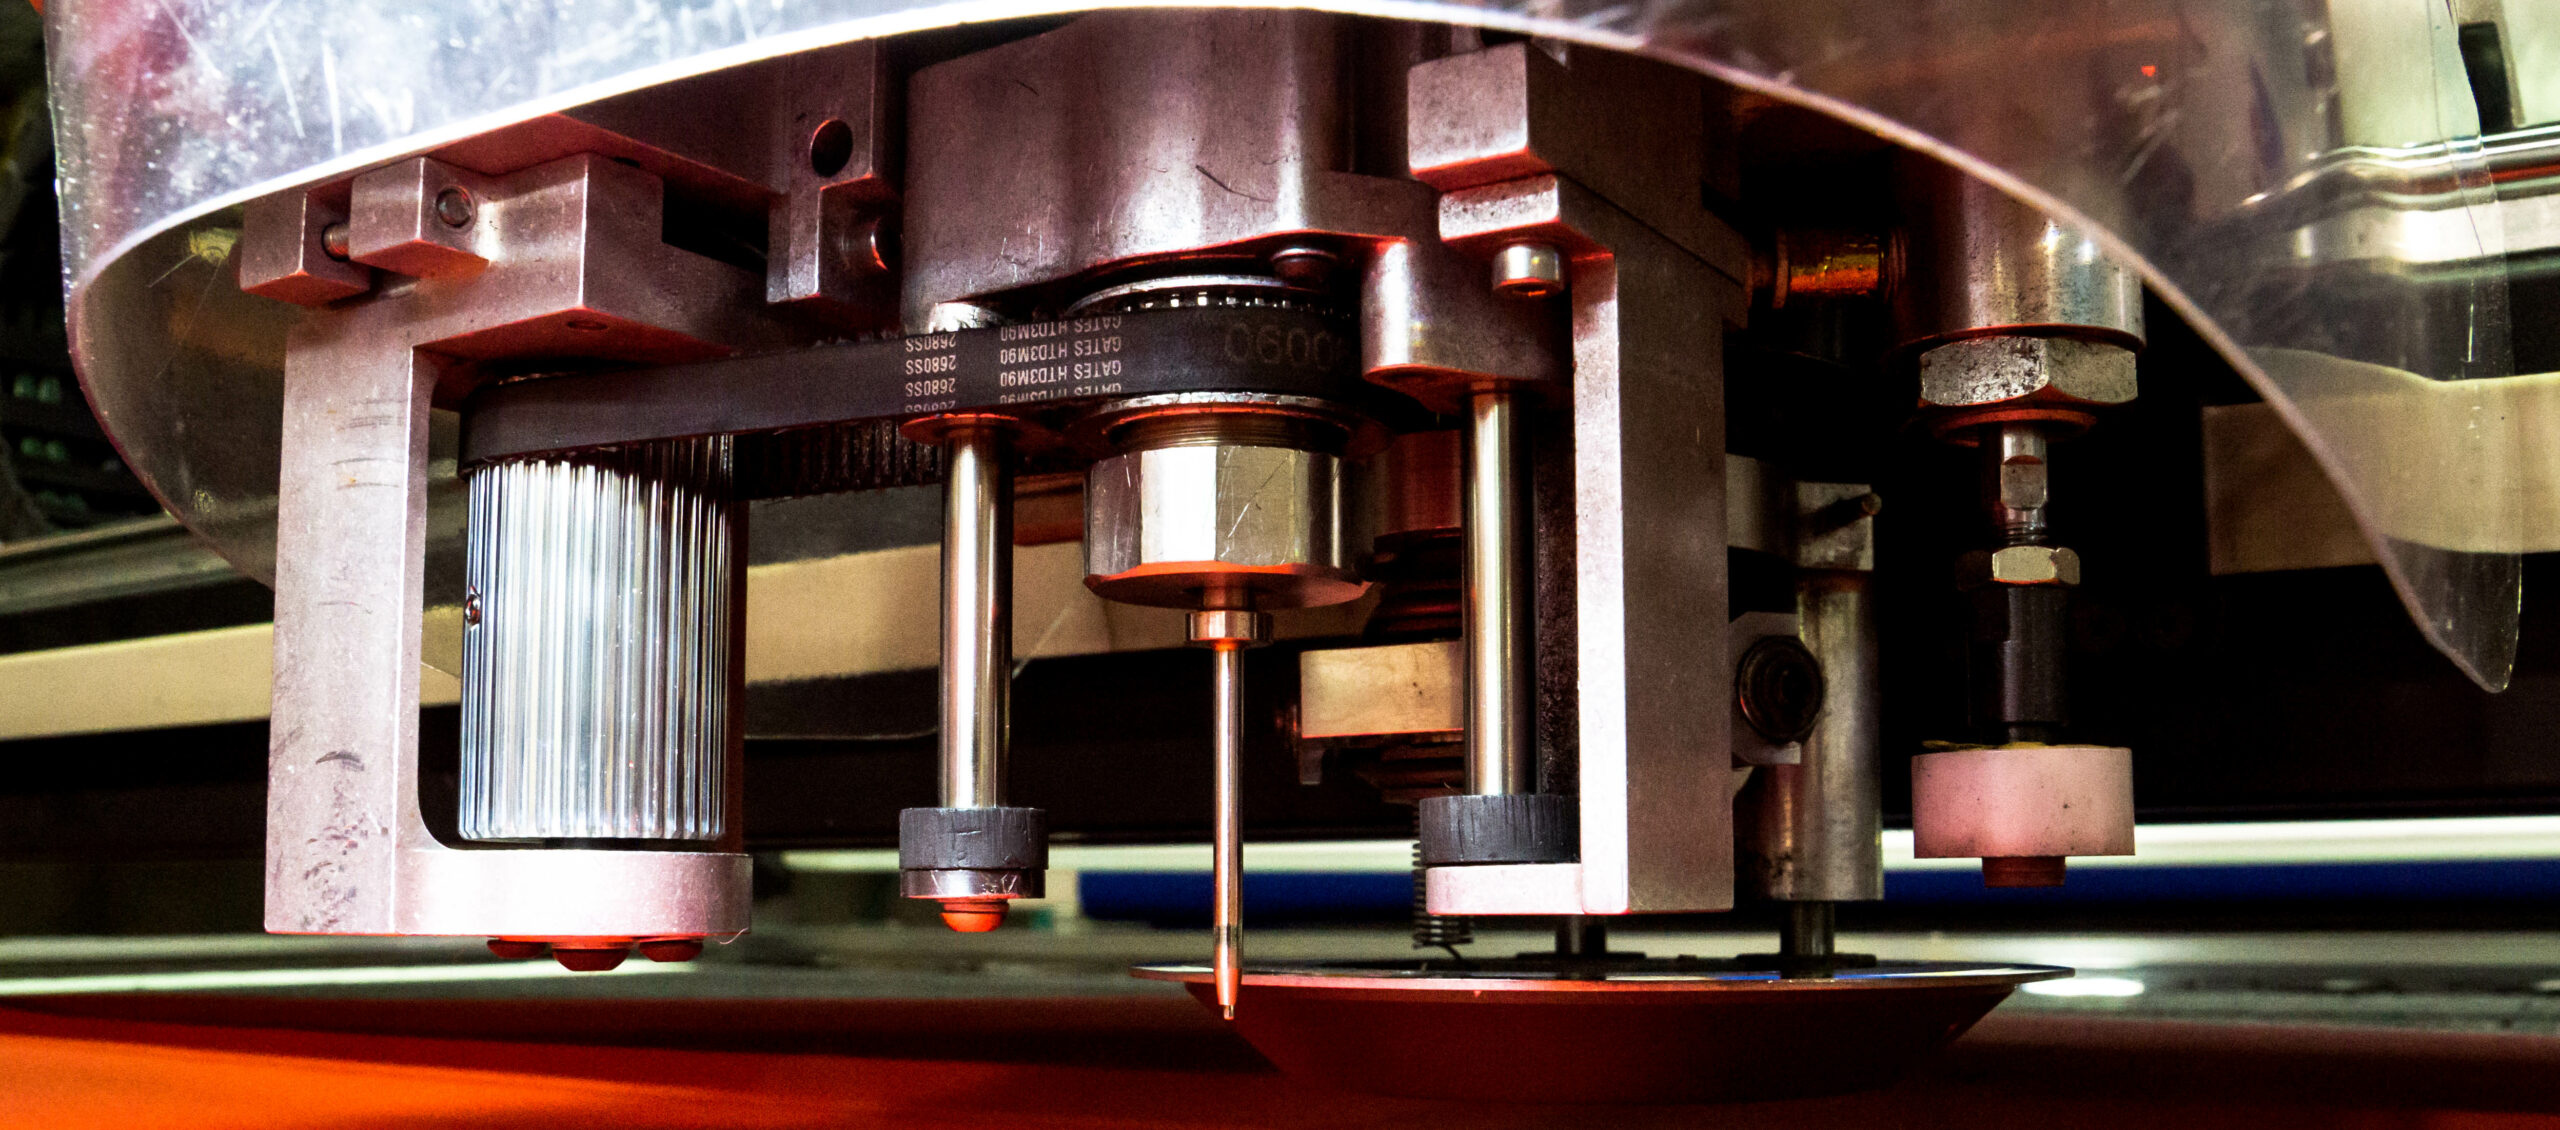 CNC cutting in process